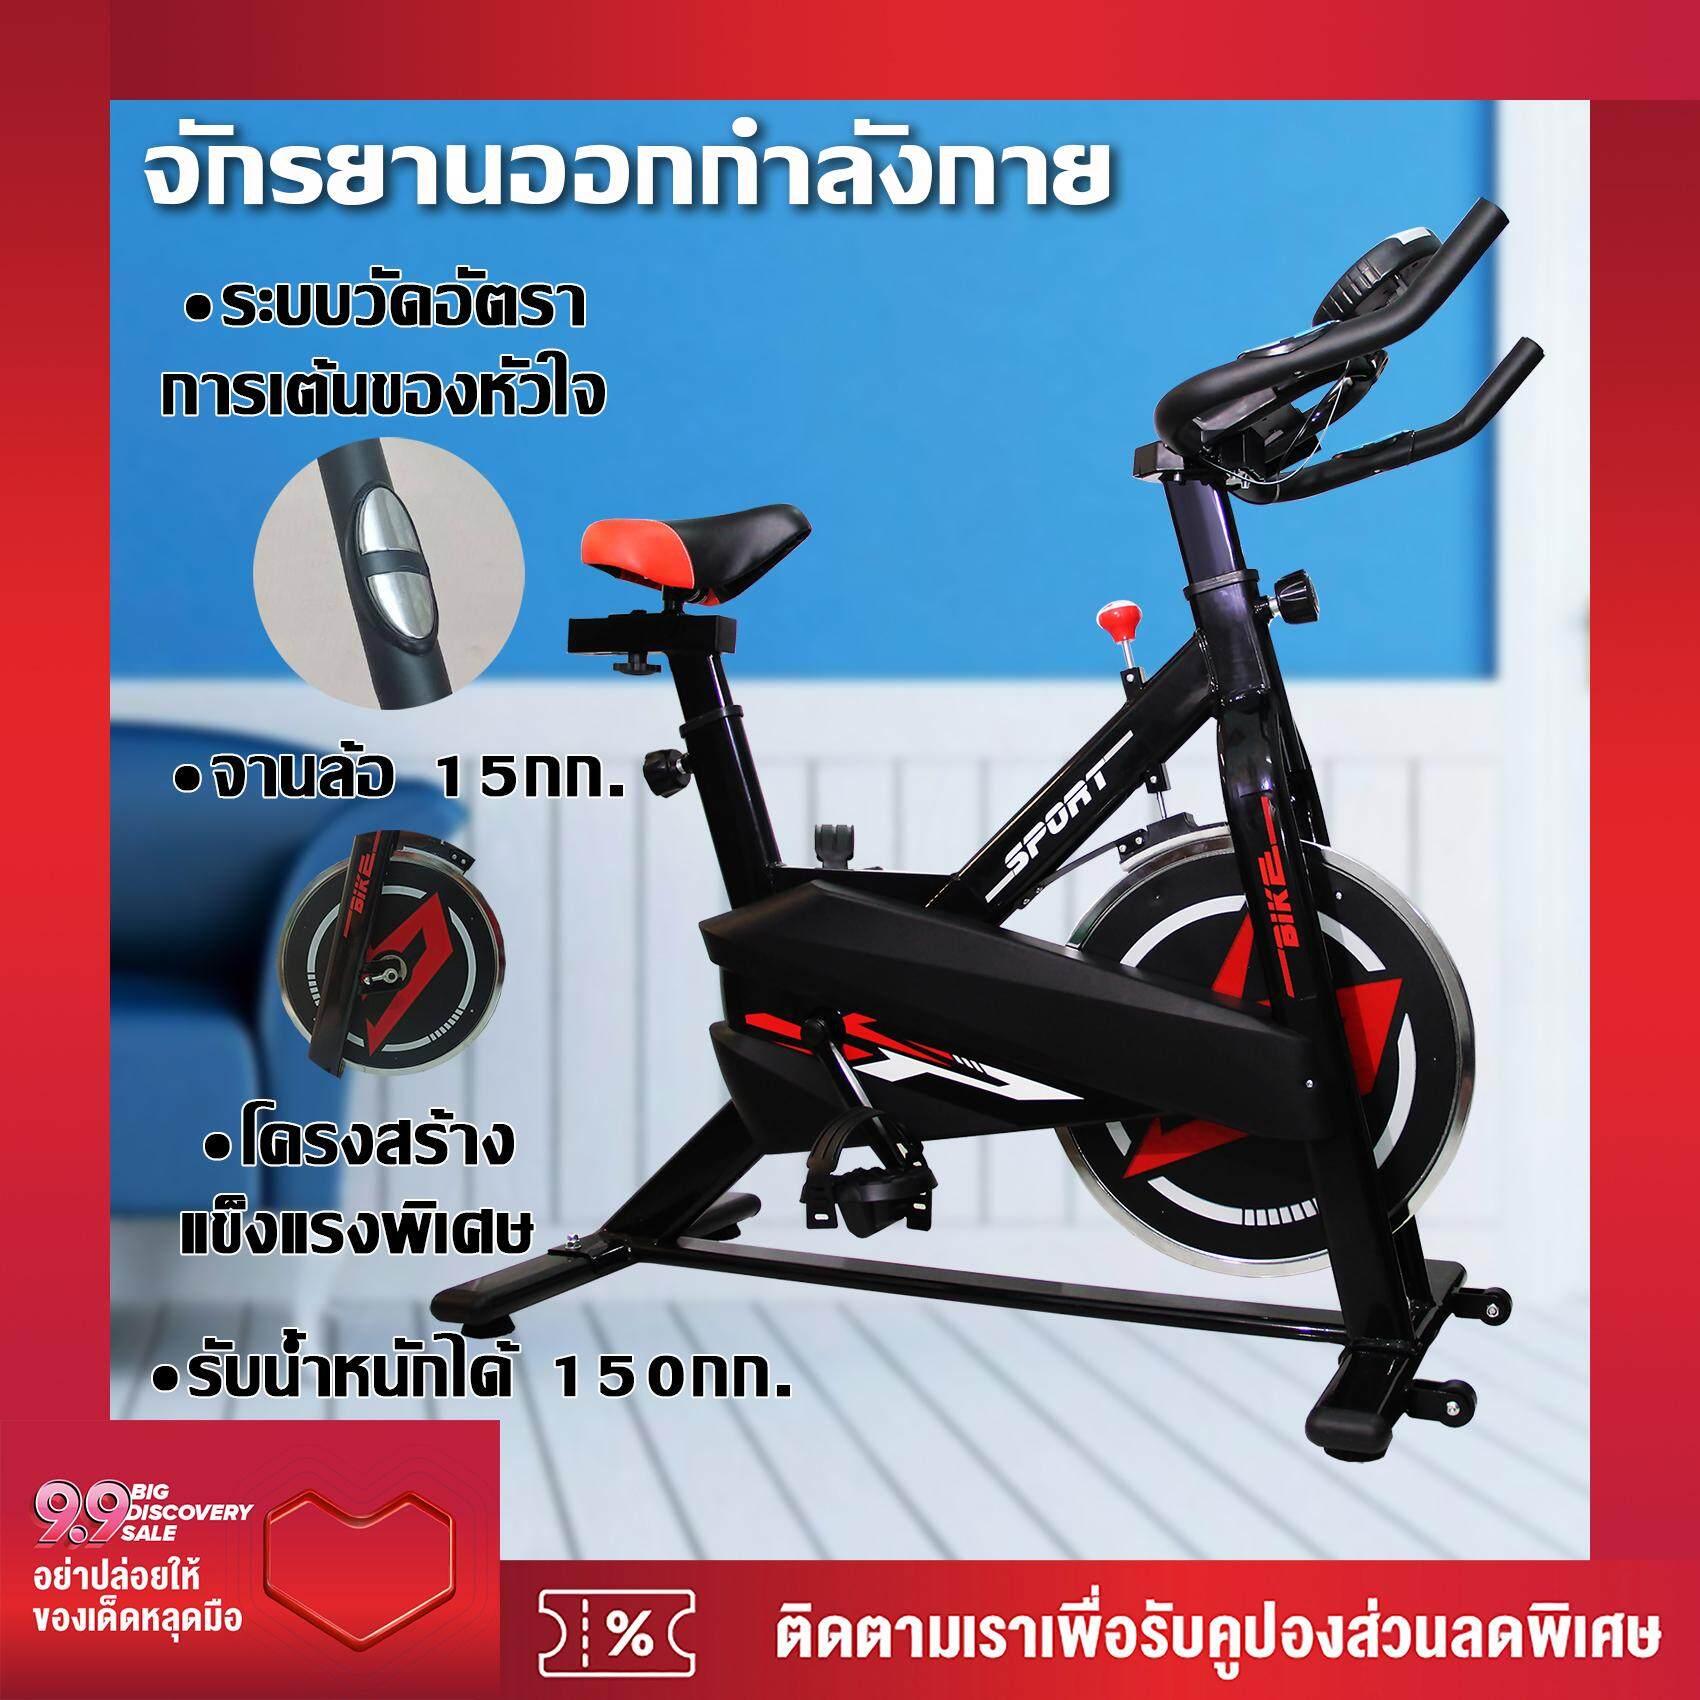 จักรยานออกกำลังกาย Exercise Spin Bike จักรยานฟิตเนส Spinning Bike SpinBik  เครื่องปั่นจักรยาน